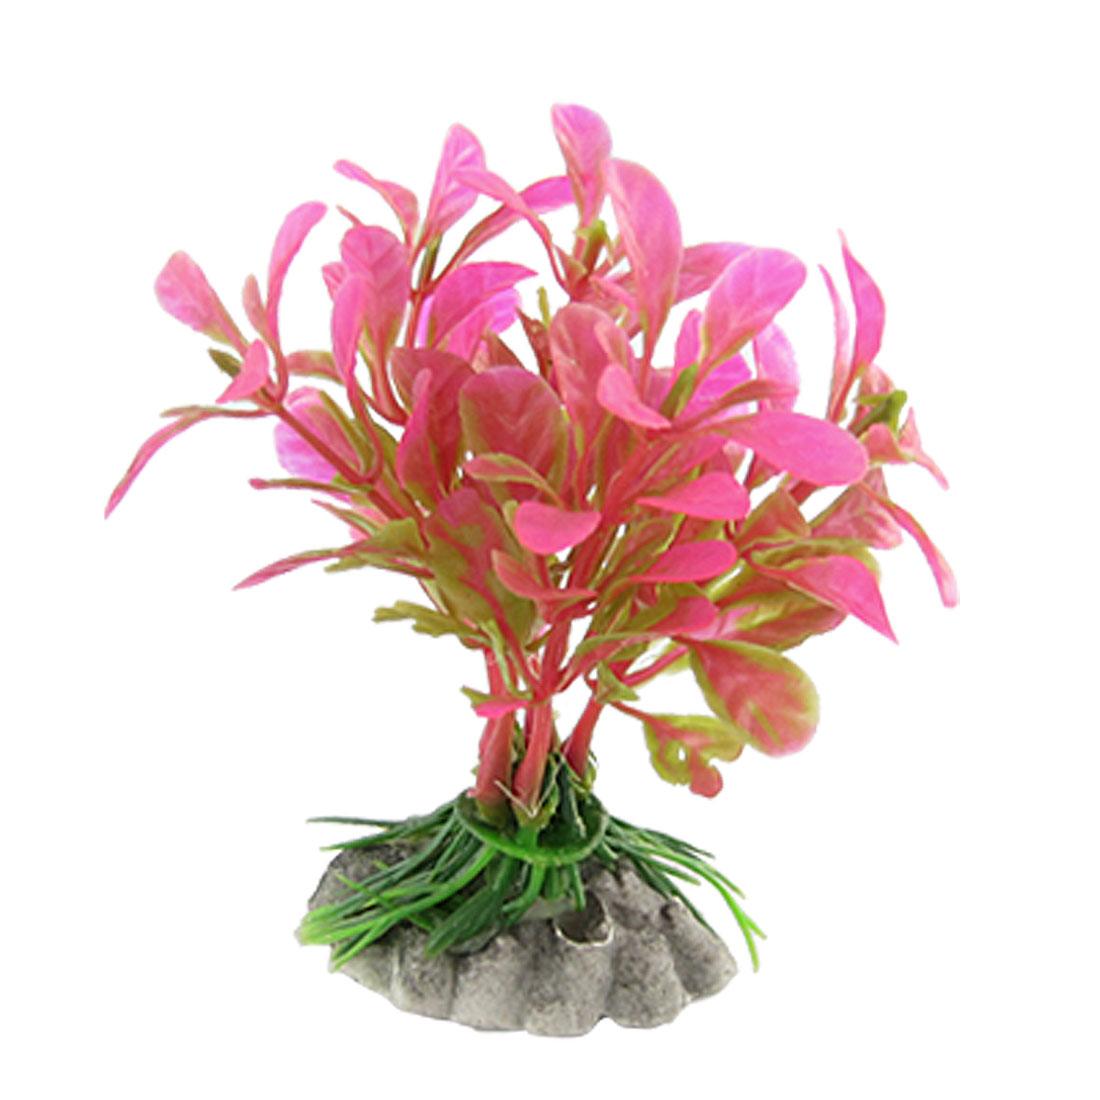 """Pink Plastic Grass 5"""" Long Decor Ornament for Aquarium"""